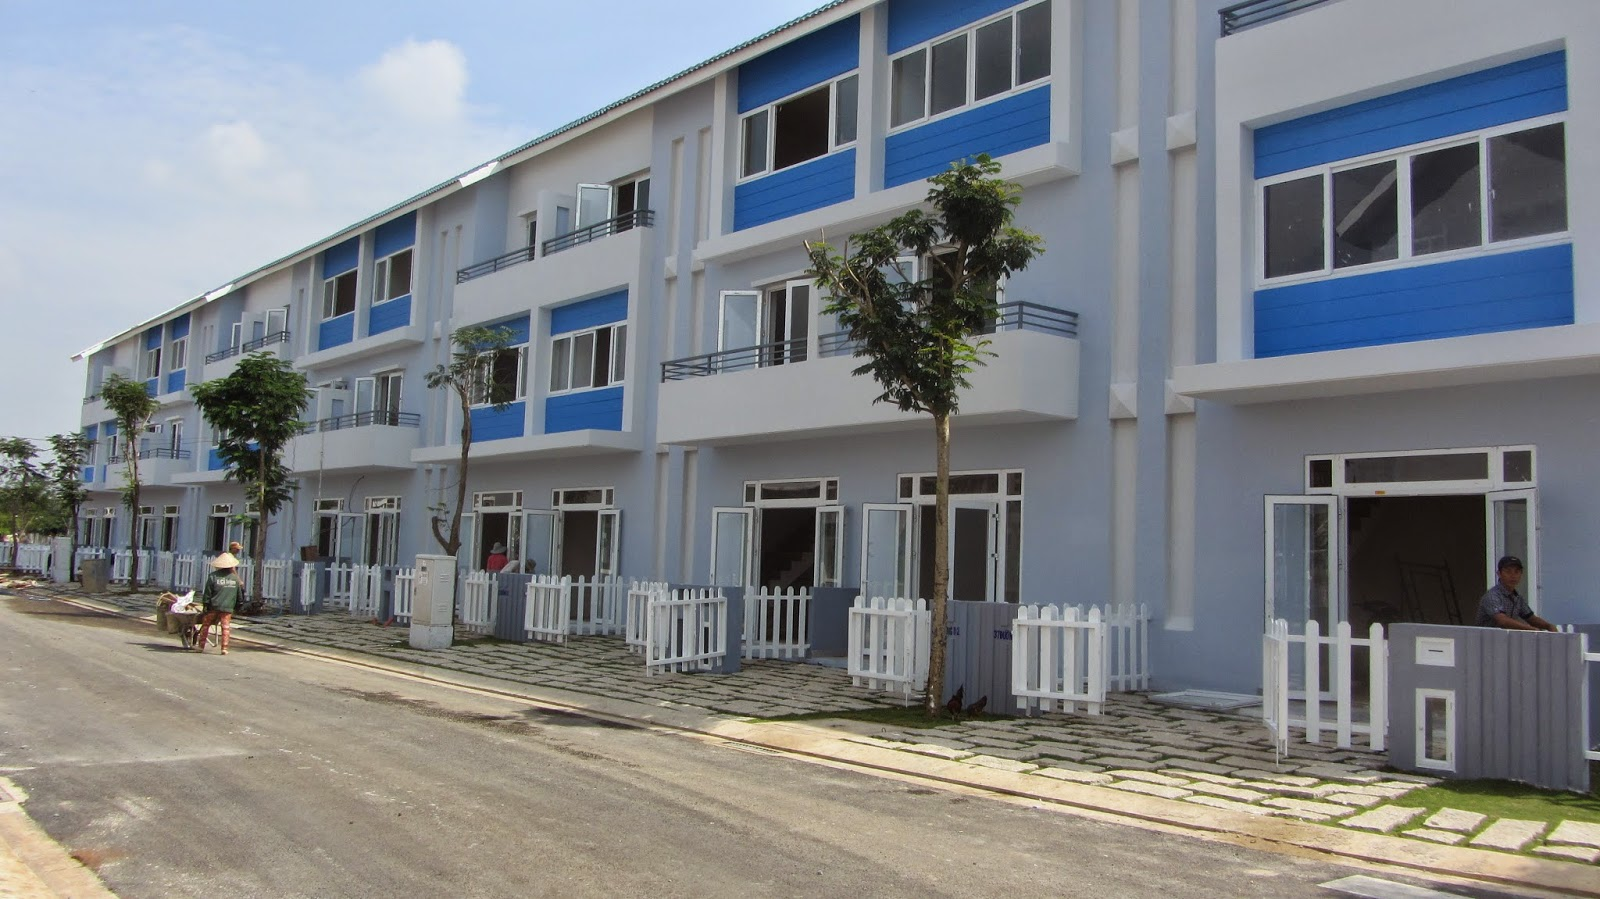 Triển khai thủ tục lựa chọn nhà đầu tư thực hiện dự án nhà ở xã hội và nhà ở thương mại tại phường Tân Lợi, thành phố Buôn Ma Thuột